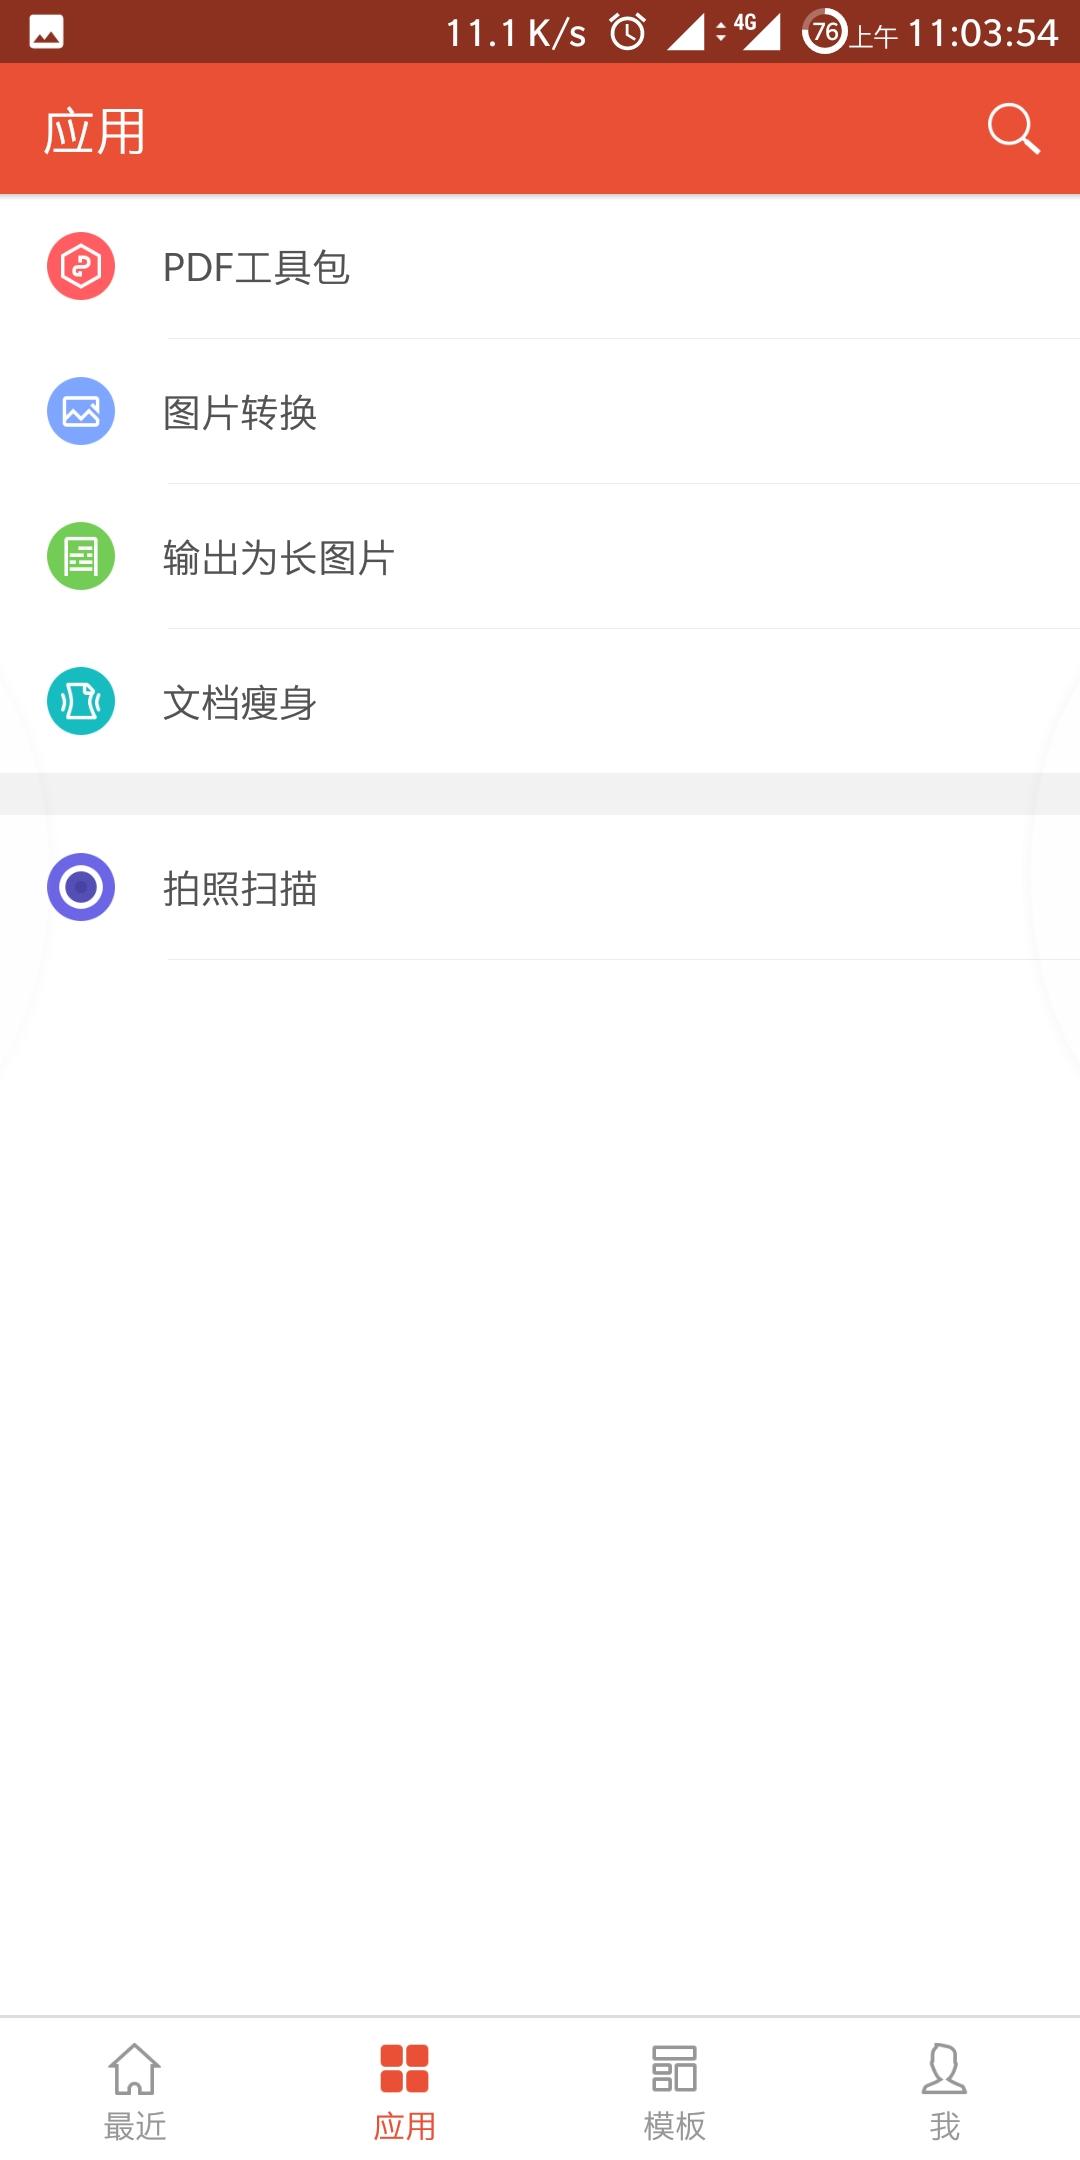 Screenshot_20180327-110355.jpg